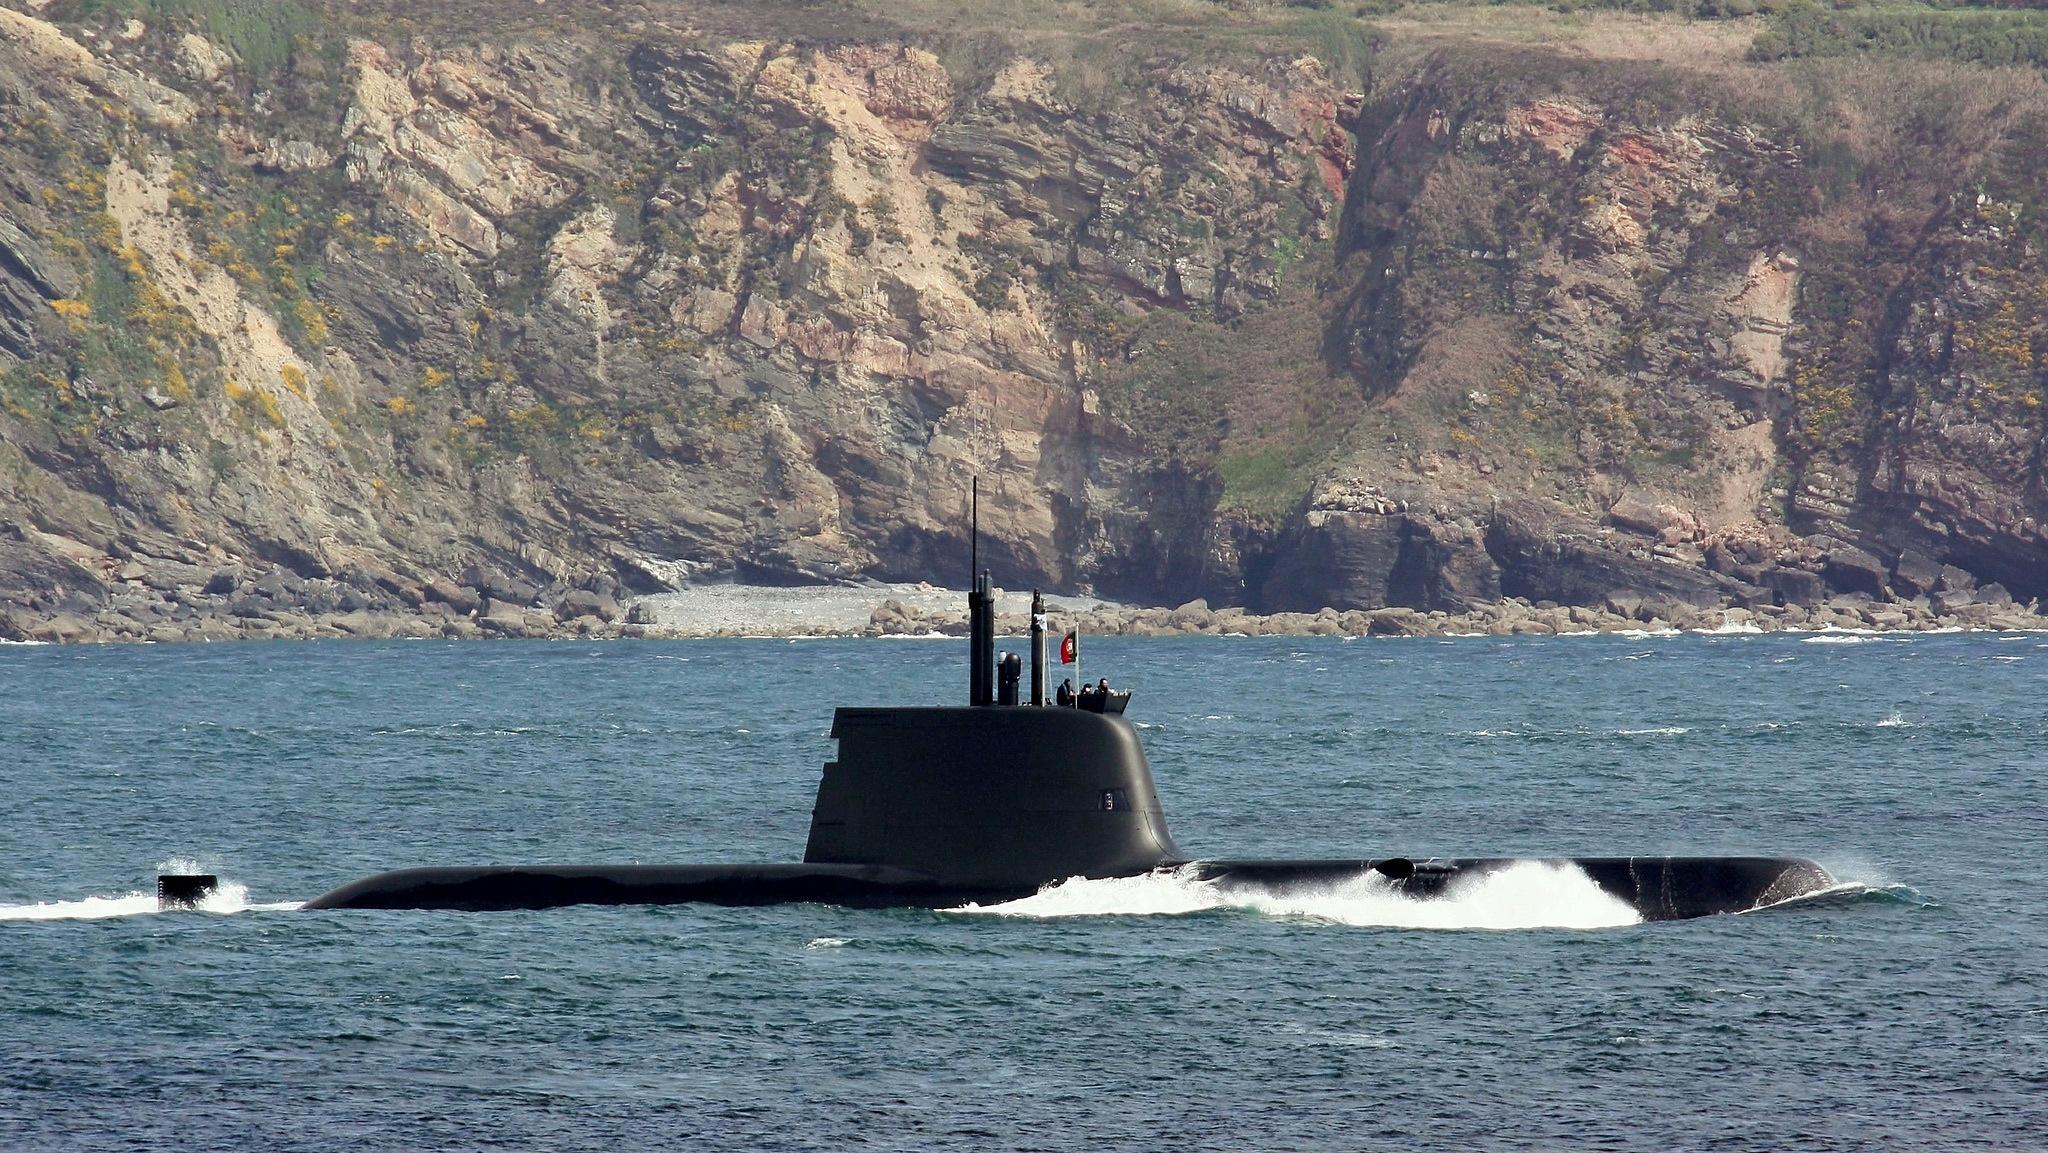 районе фото подводники на рабочий стол сестры имеет